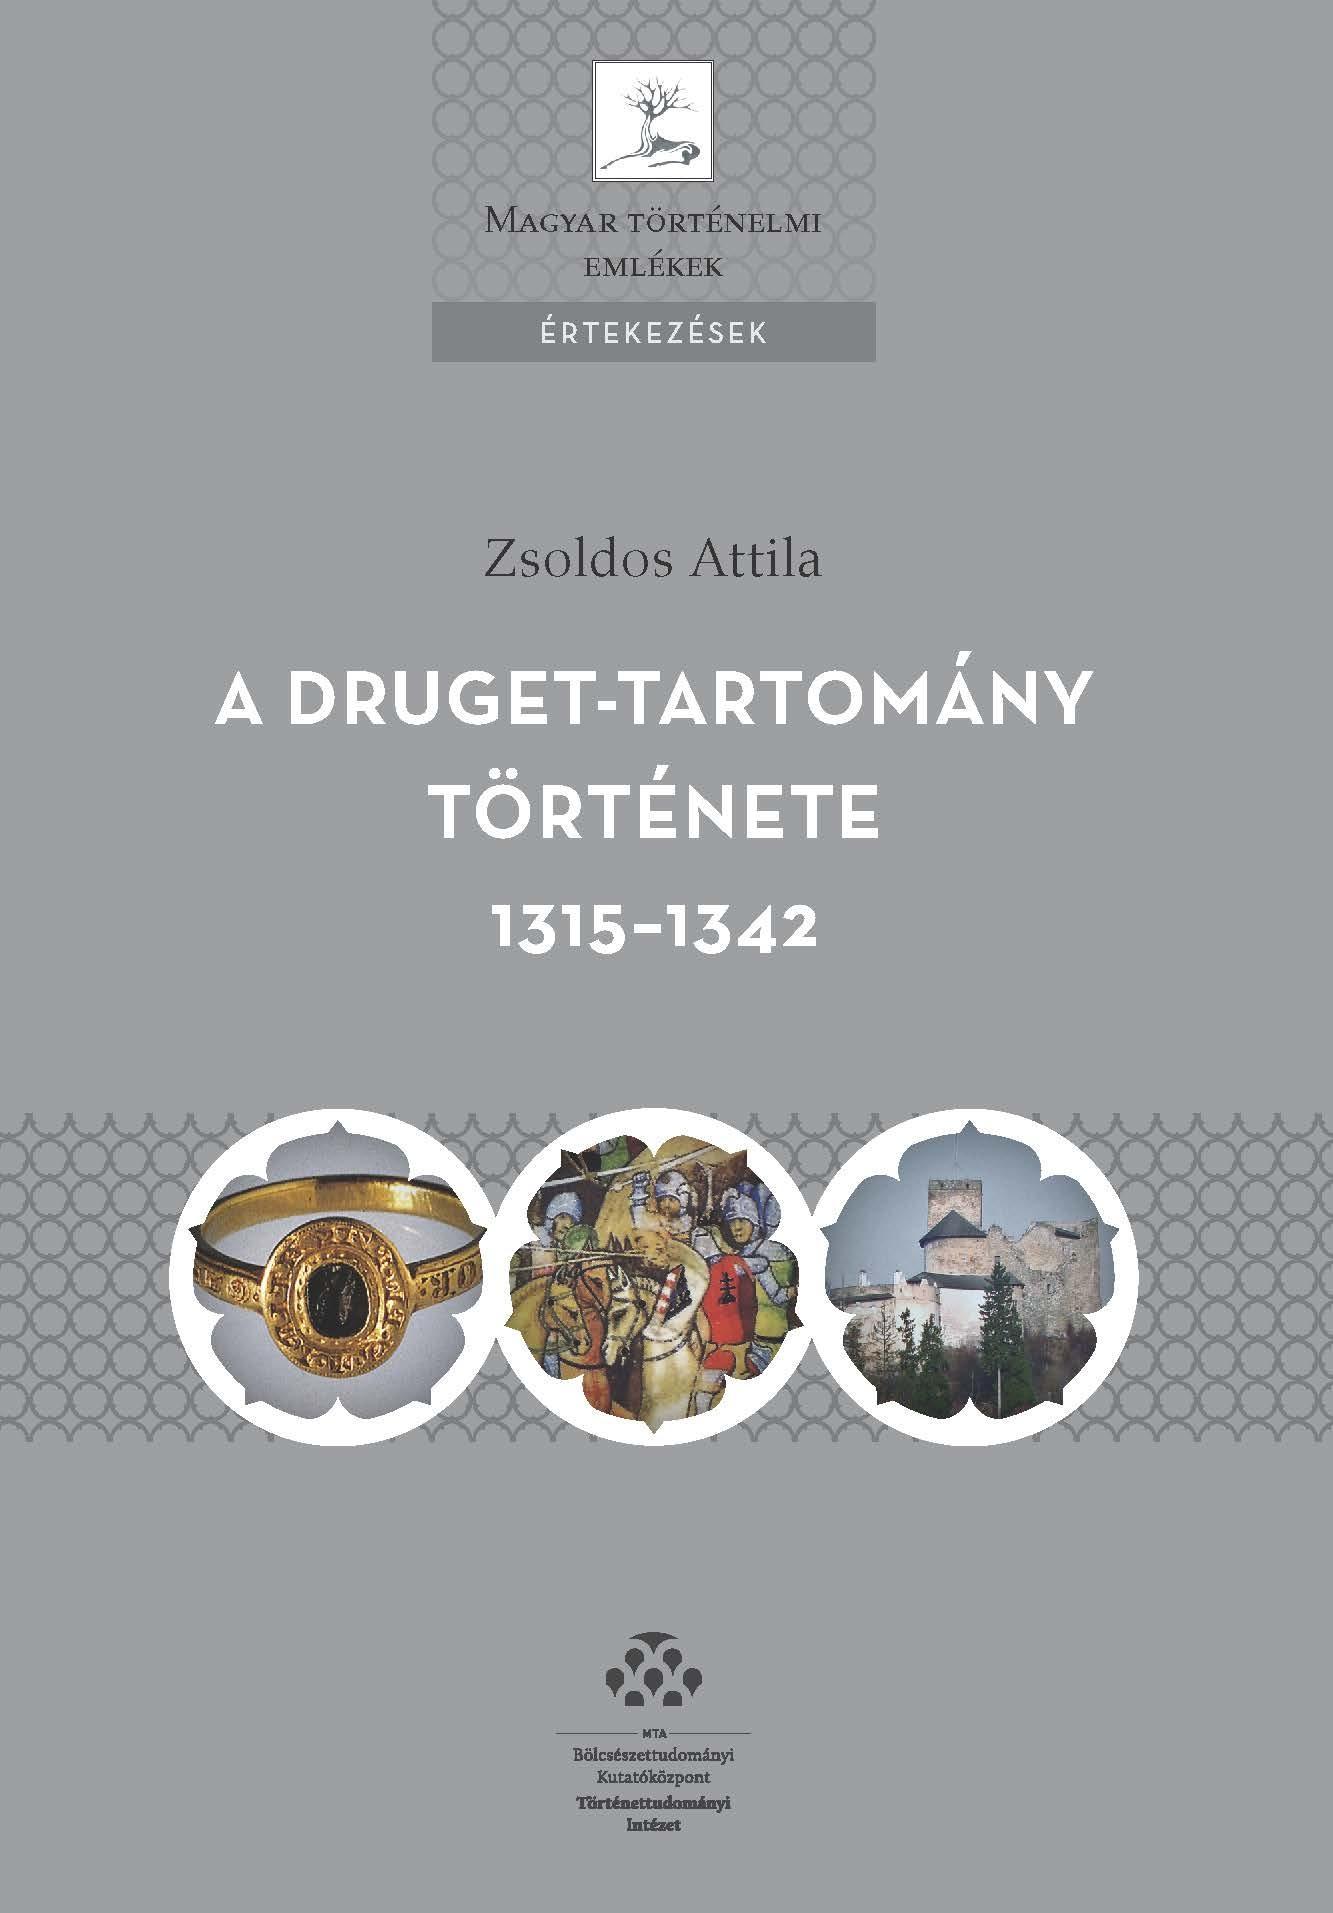 A DRUGET-TARTOMÁNY TÖRTÉNETE 1315-1342